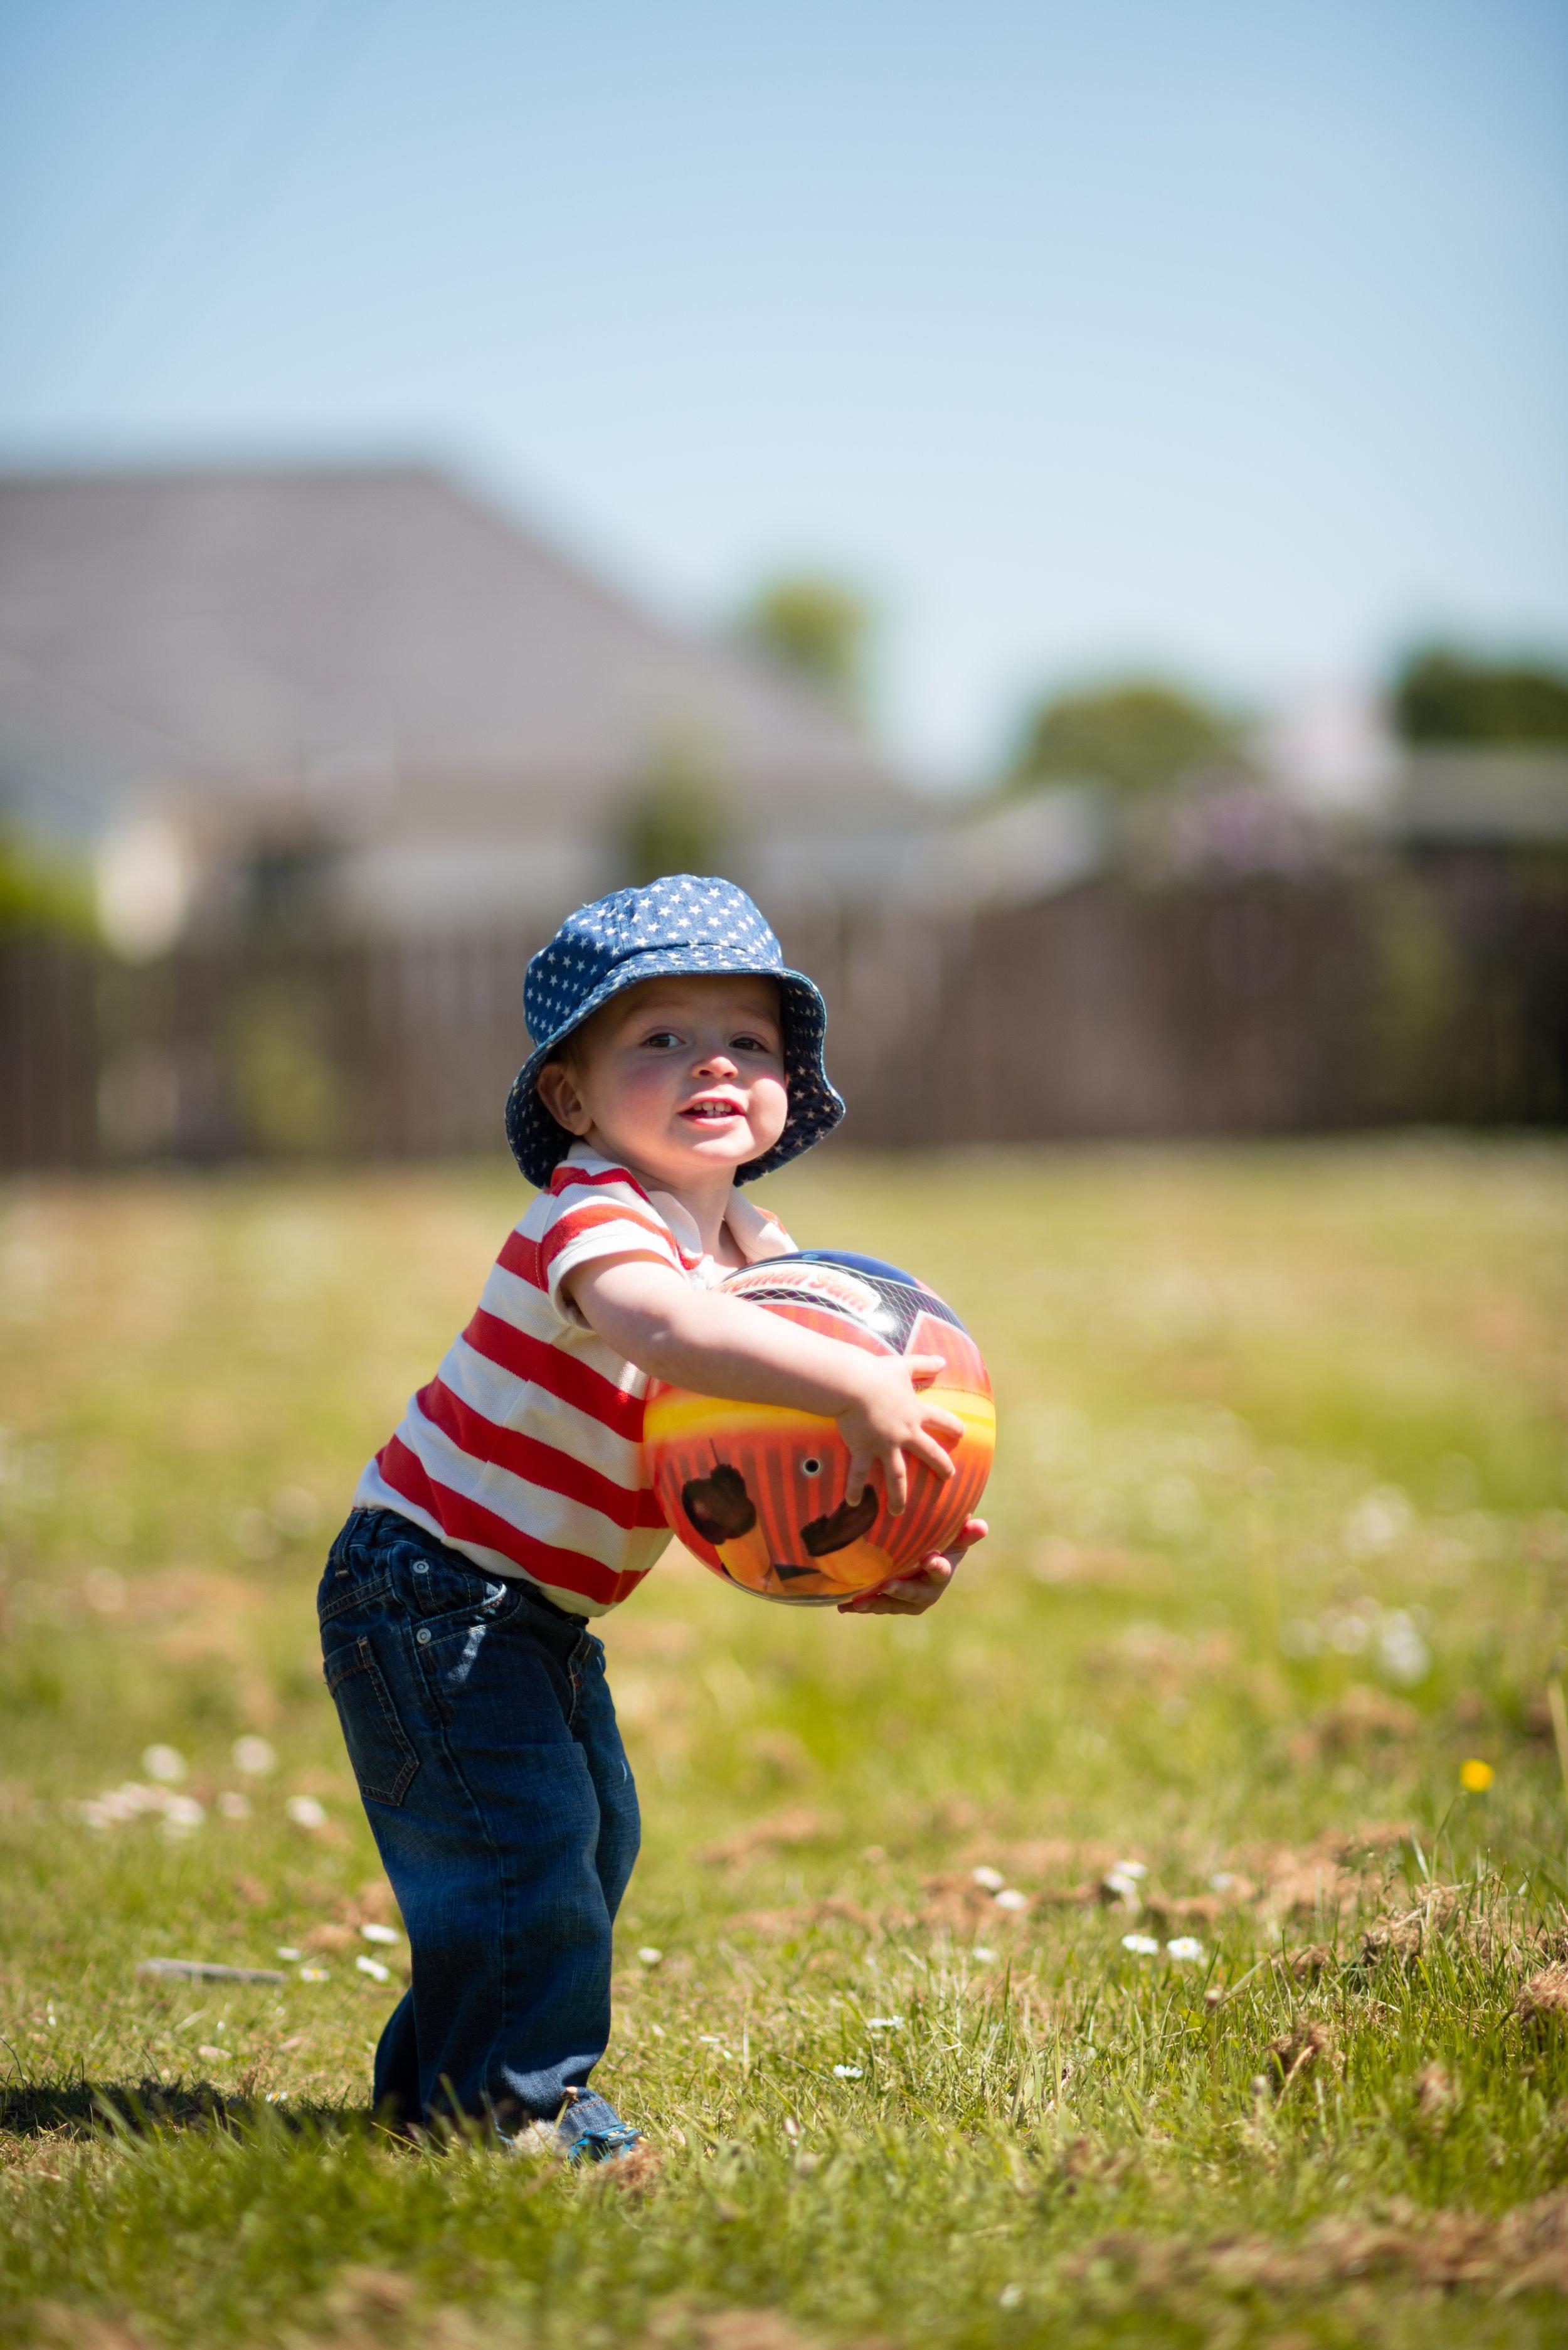 Toddler_Playing_Ball.jpg